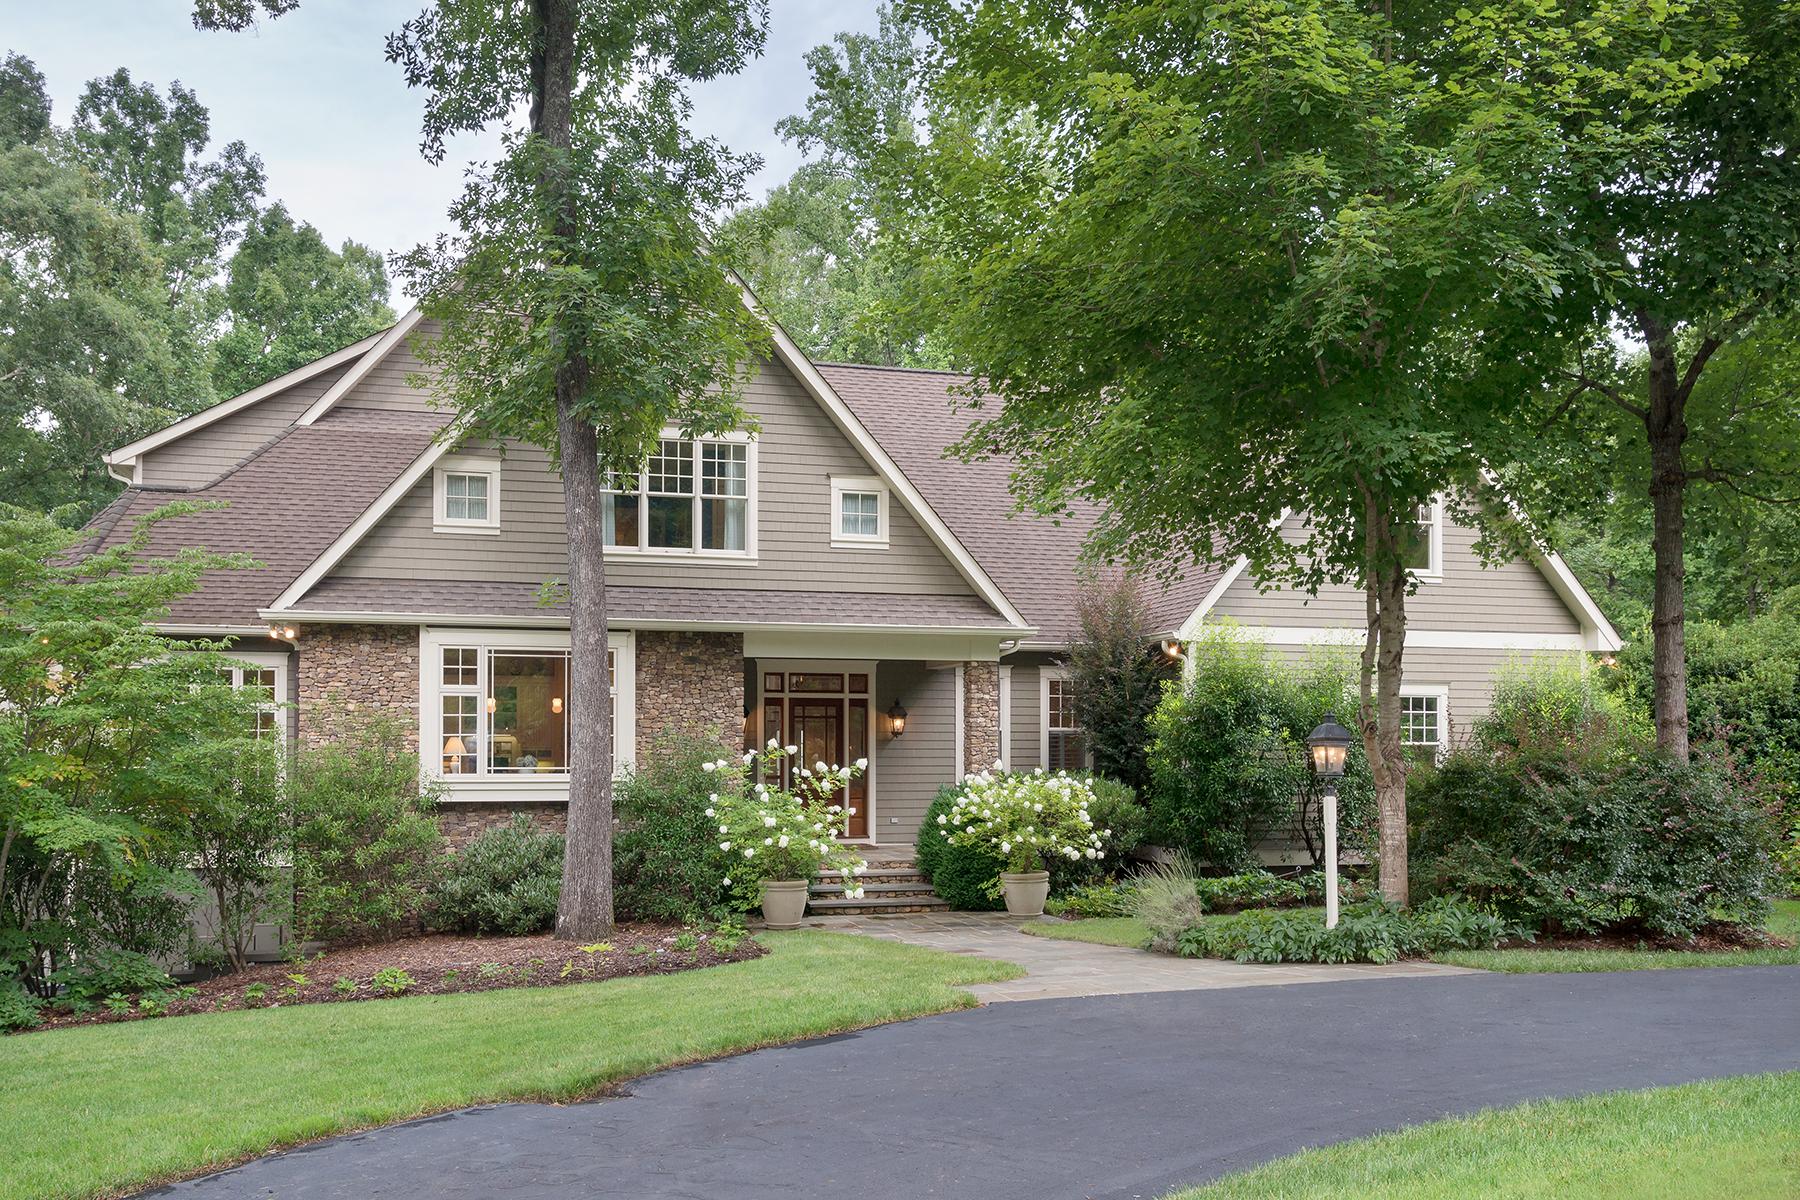 Villa per Vendita alle ore 1367 Tryon Rd , Rutherfordton, NC 28139 1367 Tryon Rd Rutherfordton, Carolina Del Nord, 28139 Stati Uniti